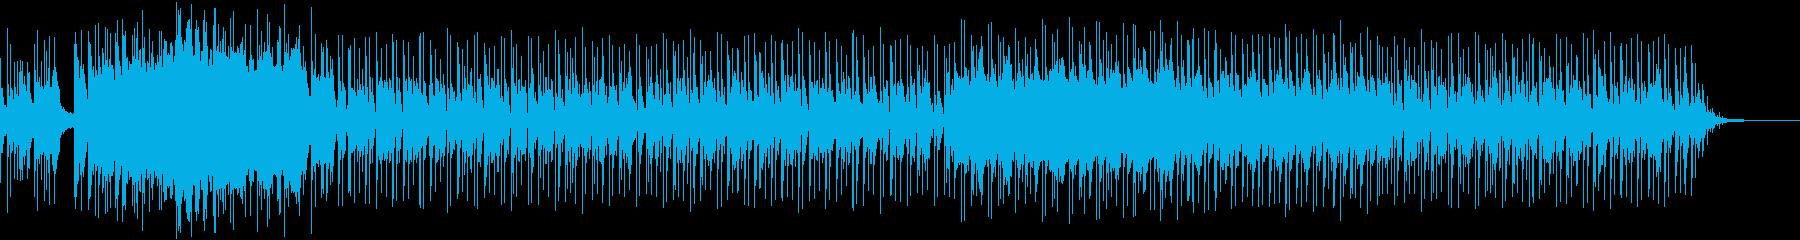 ムソルグスキー 組曲「展覧会の絵」5の再生済みの波形